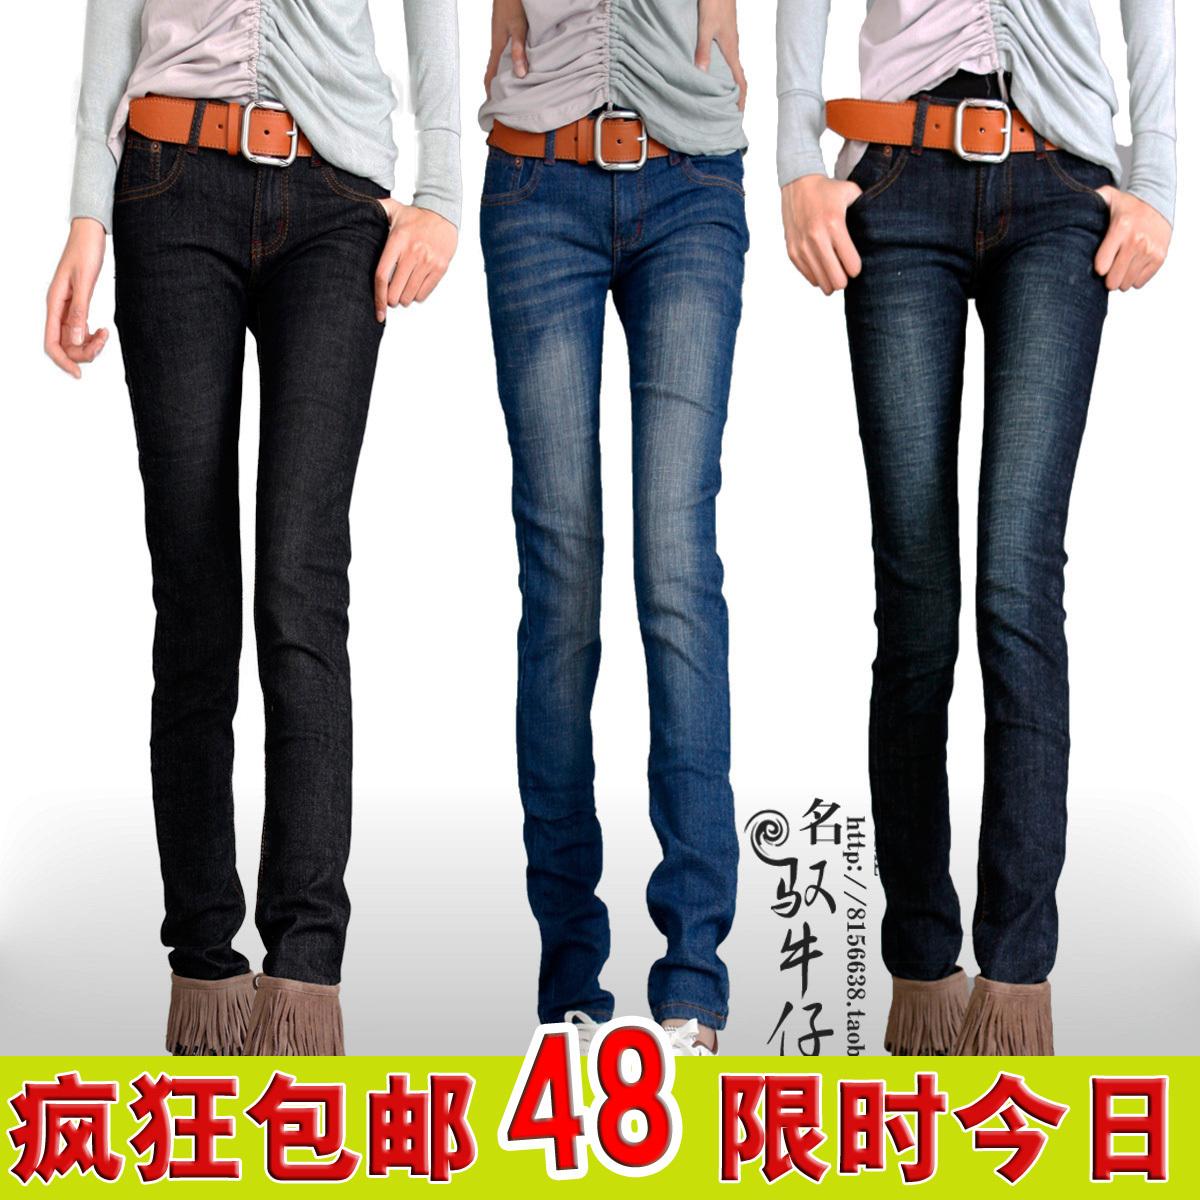 包邮 春装2012新款 韩版弹力紧身小脚铅笔裤 显瘦牛仔长裤 女 潮